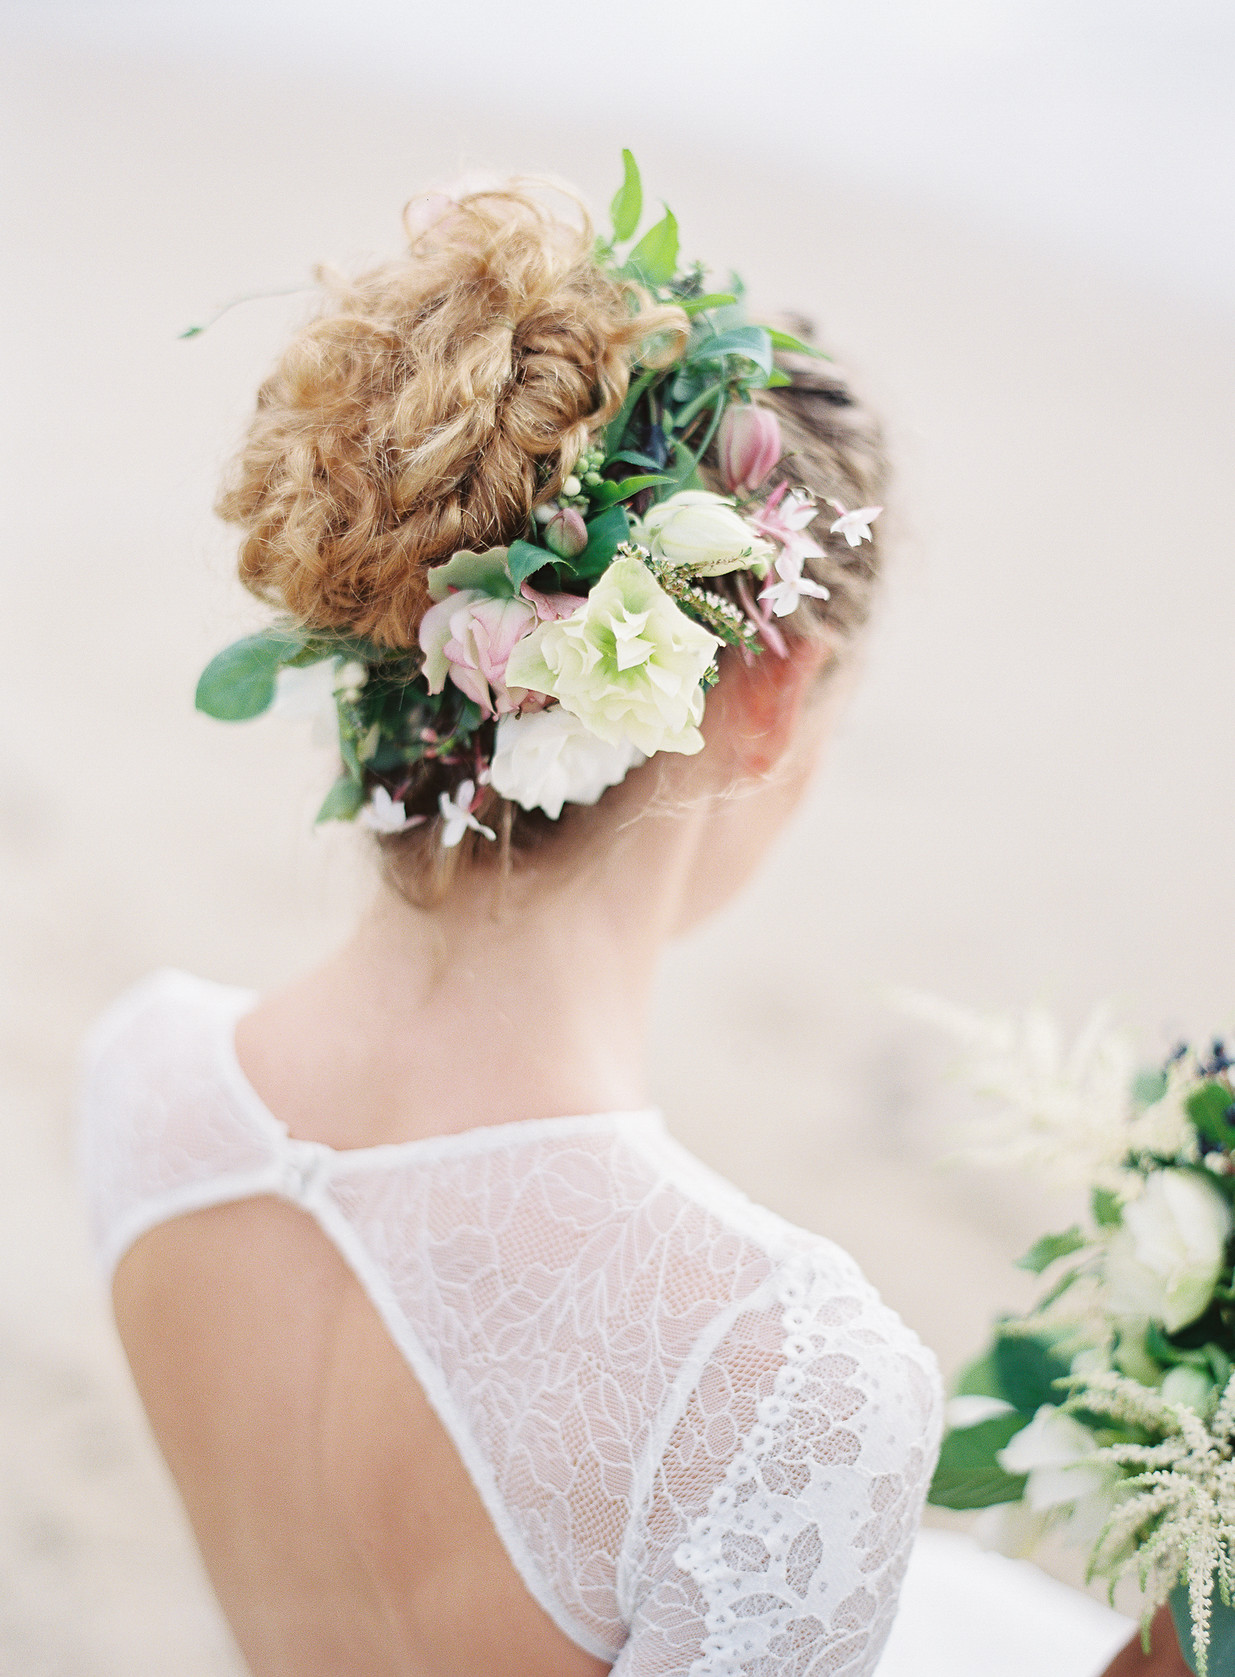 hair-flowers-flower-crown-hawaii-florist-designs-by-hemingway.jpg